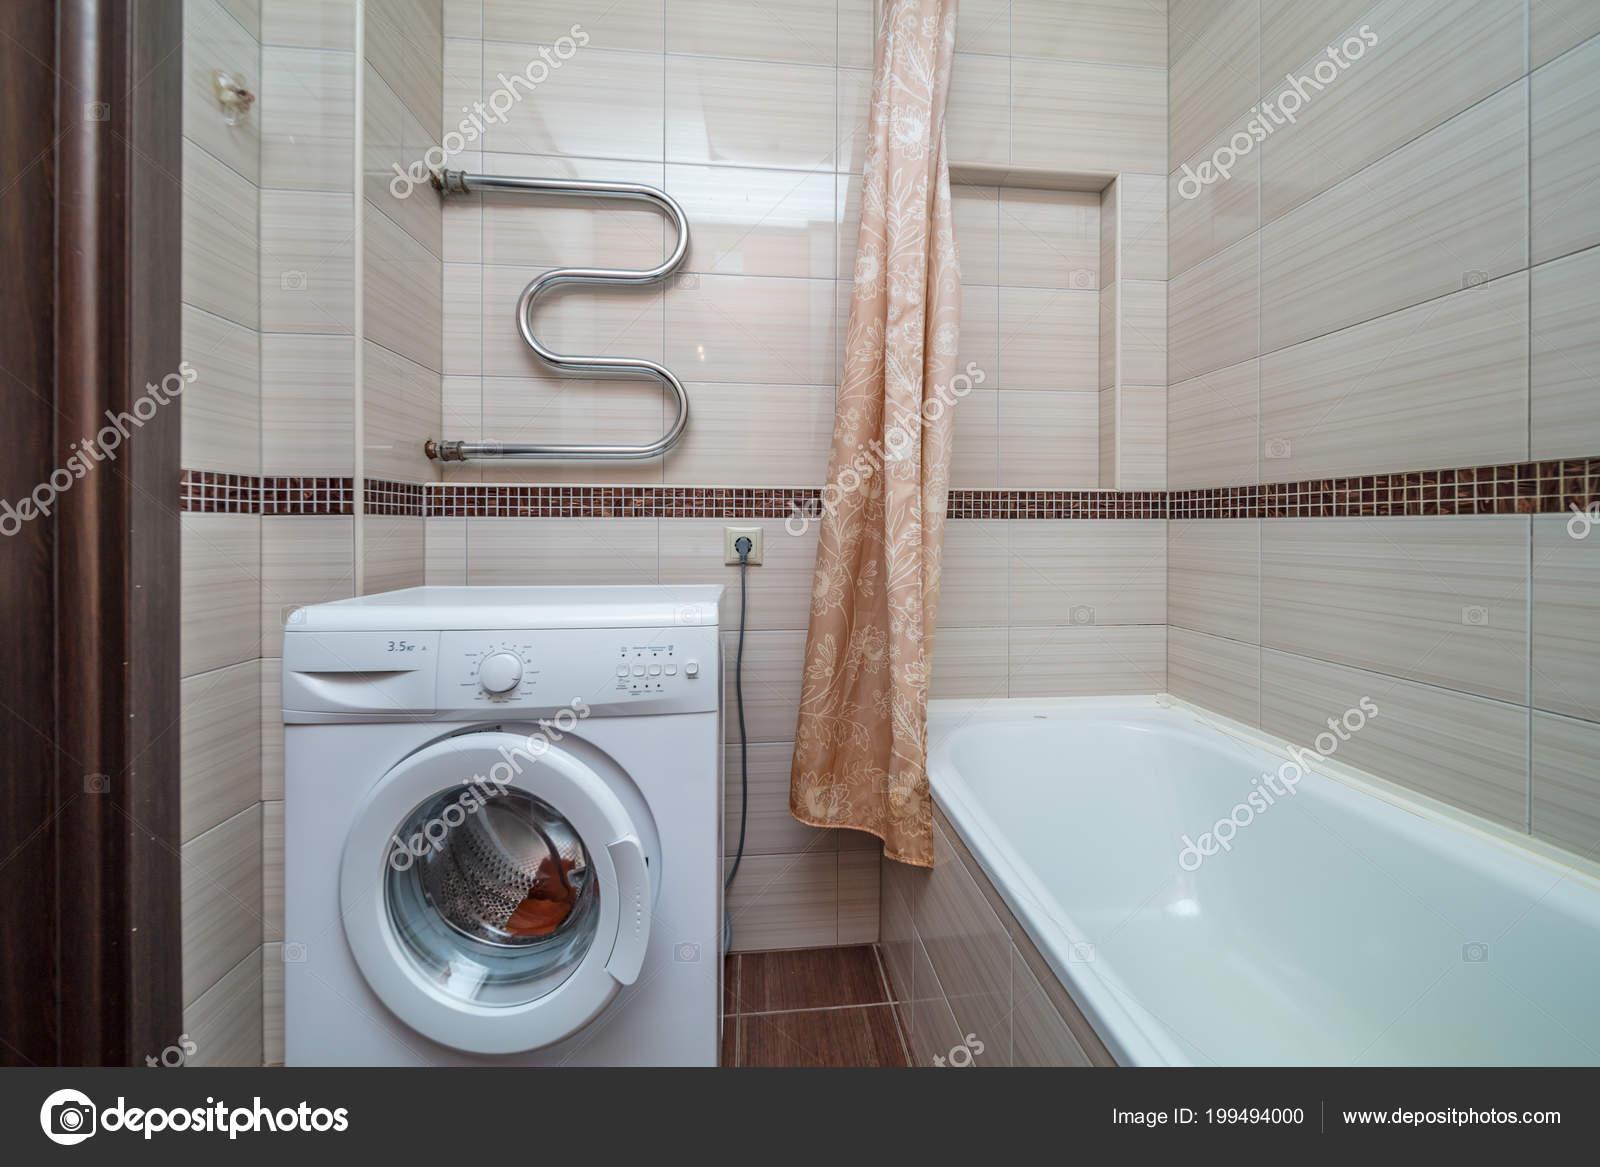 Bagno Beige Piccolo : Piastrelle beige piccolo bagno con lavandino tubo vasca bagno